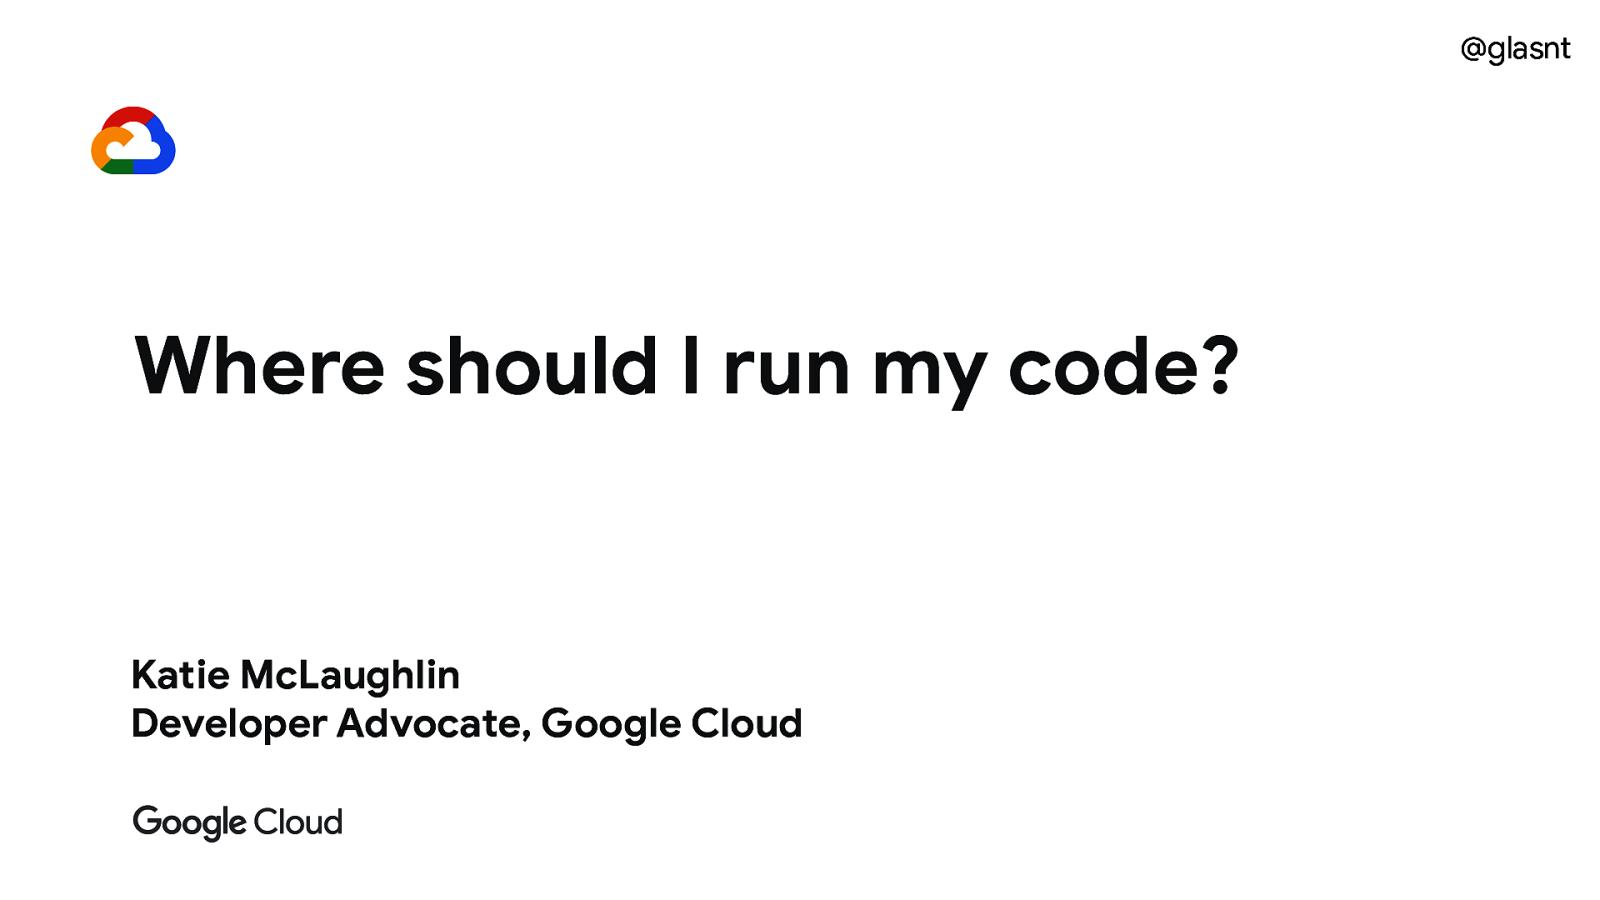 Where should I run my code?